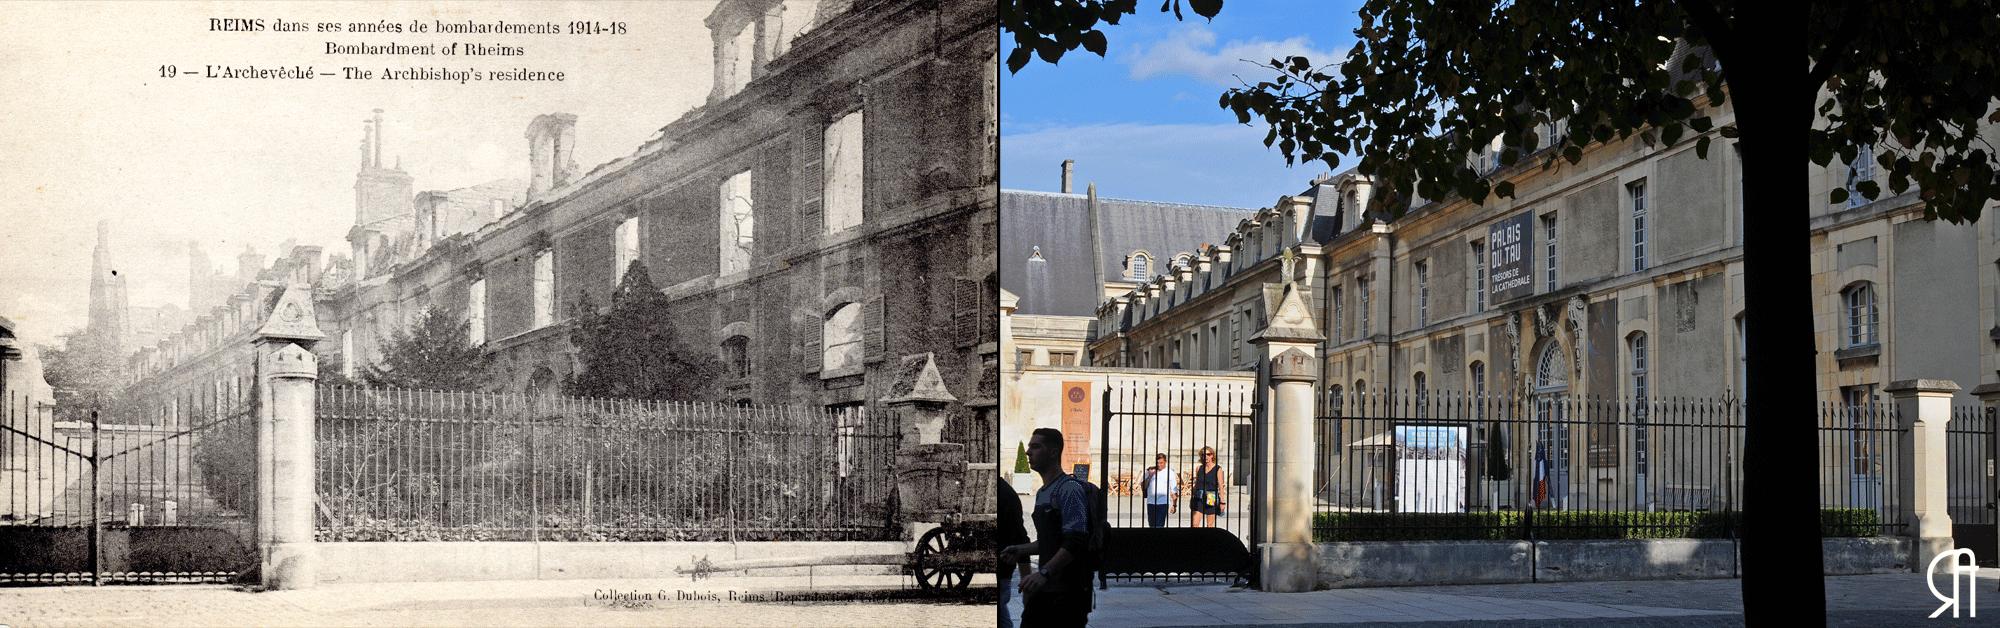 L'Archevêché après la Grande Guerre